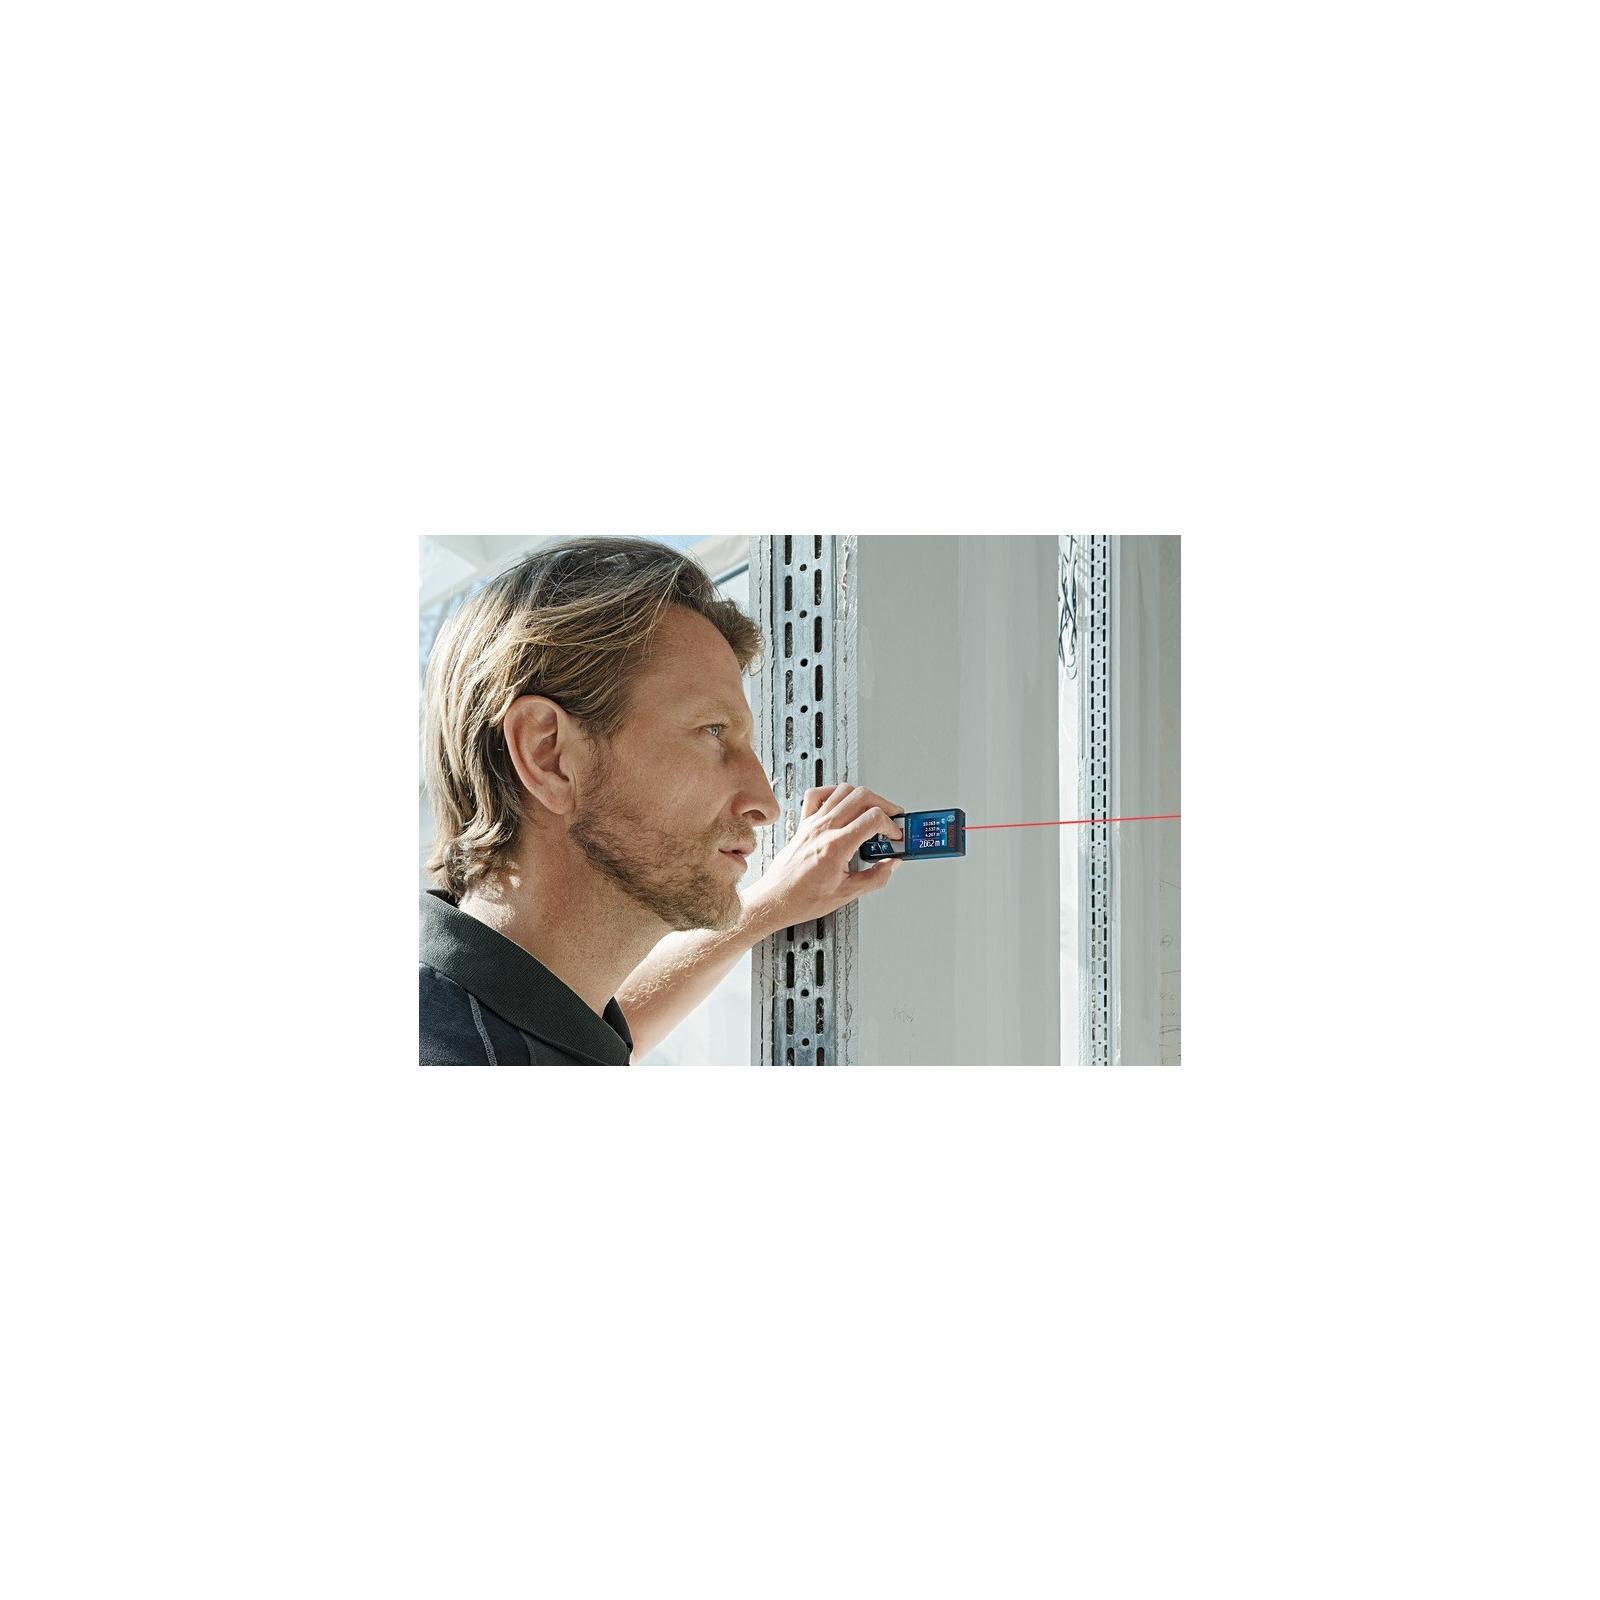 Дальномер Bosch GLM 500 лазерний, 50м, ±1.5мм (0.601.072.H00) изображение 6